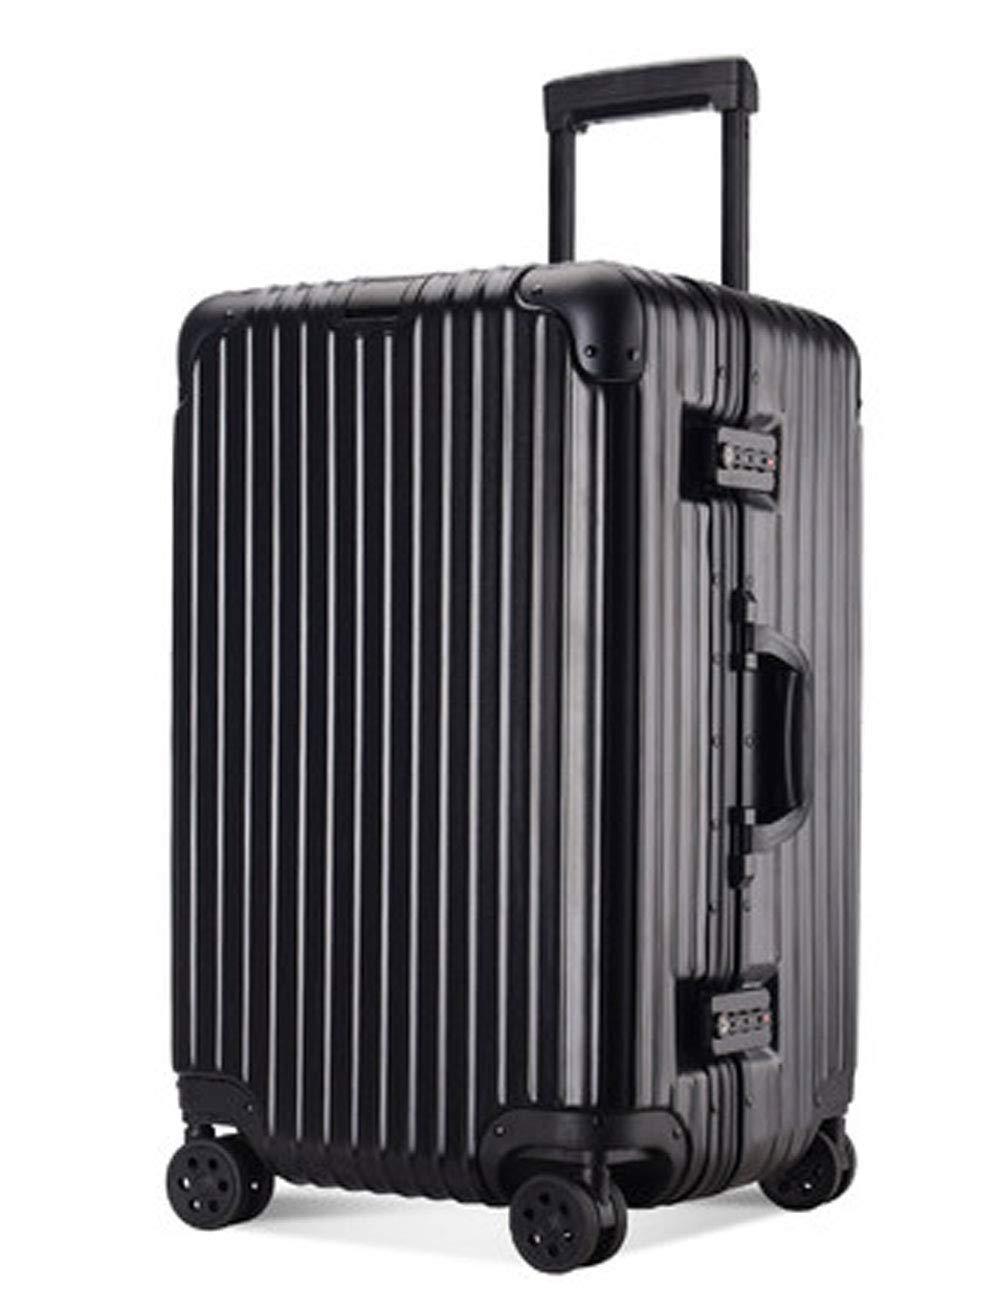 アルミフレームABSハードシェル荷物、伸縮プルロッド、TSA通関ロック、サイレントローラーデザイン、ビジネスパスワード搭乗シャーシ37cm * 27cm * 54cm (色 : 黒)   B07GRYGHYJ